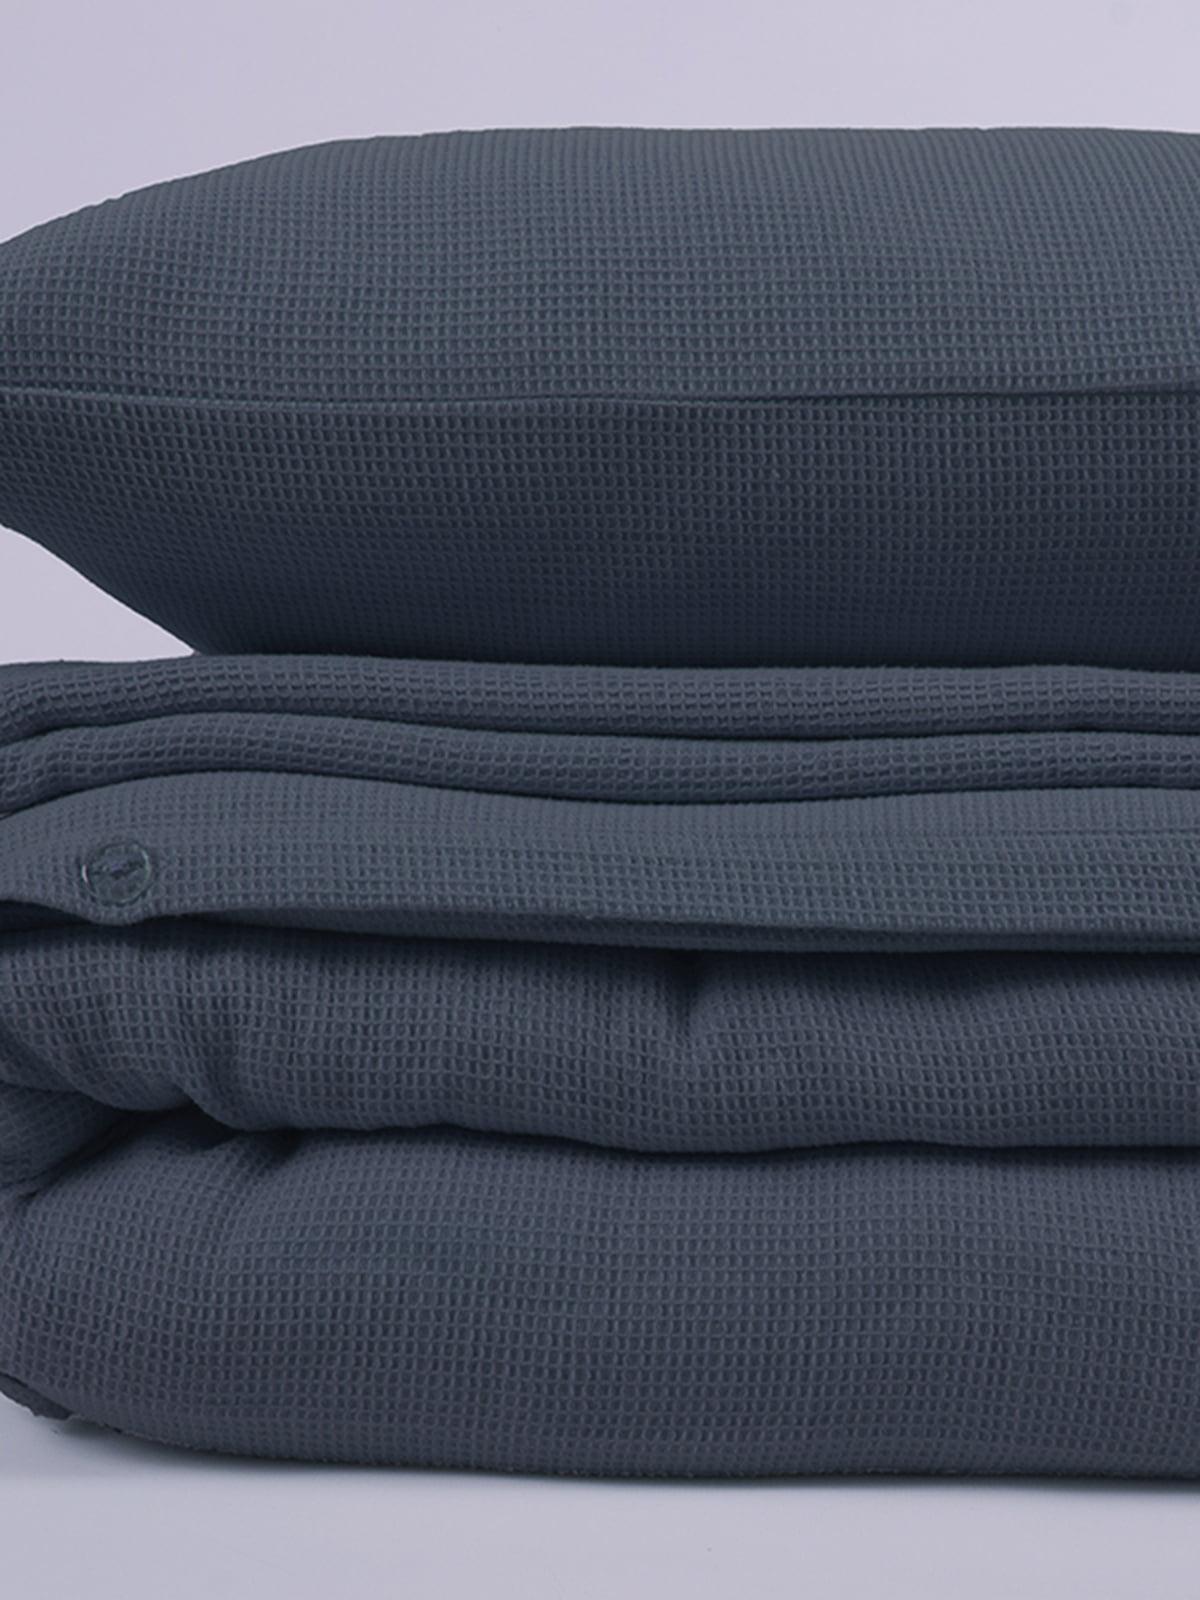 Набор постельного белья: пододеяльник, простынь, наволочки (2 шт.) | 5661198